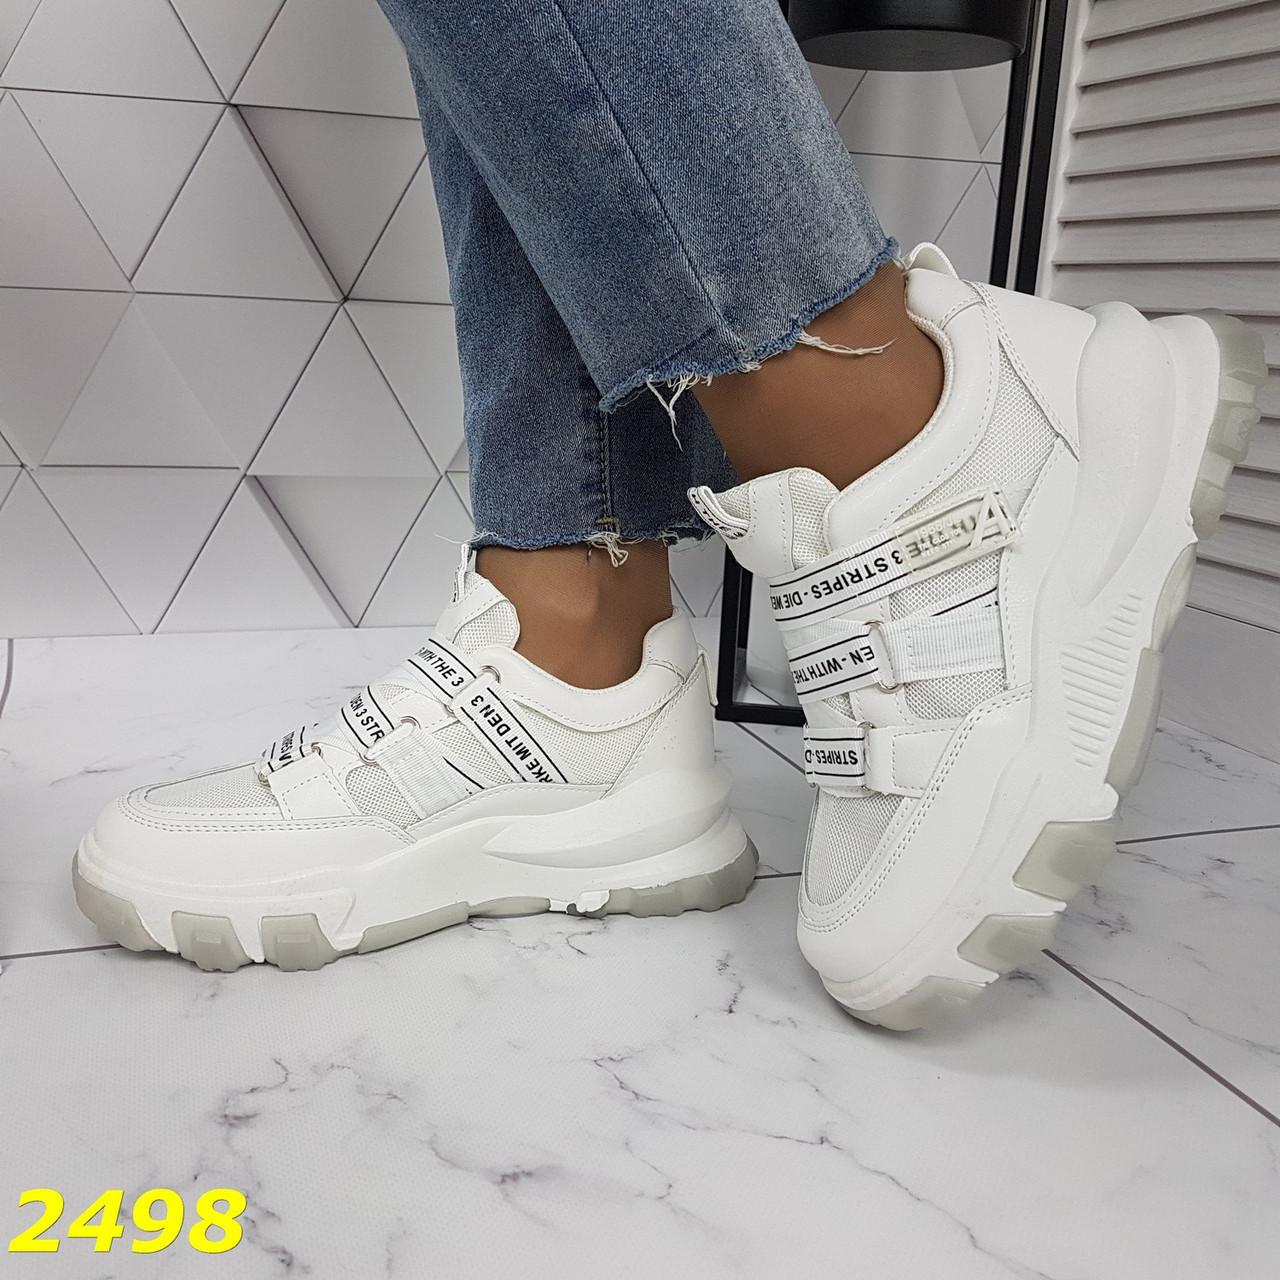 Кросівки білі на масивної тракторній підошві на гумках і липучках 37, 38, 39, 40 р. (2498)